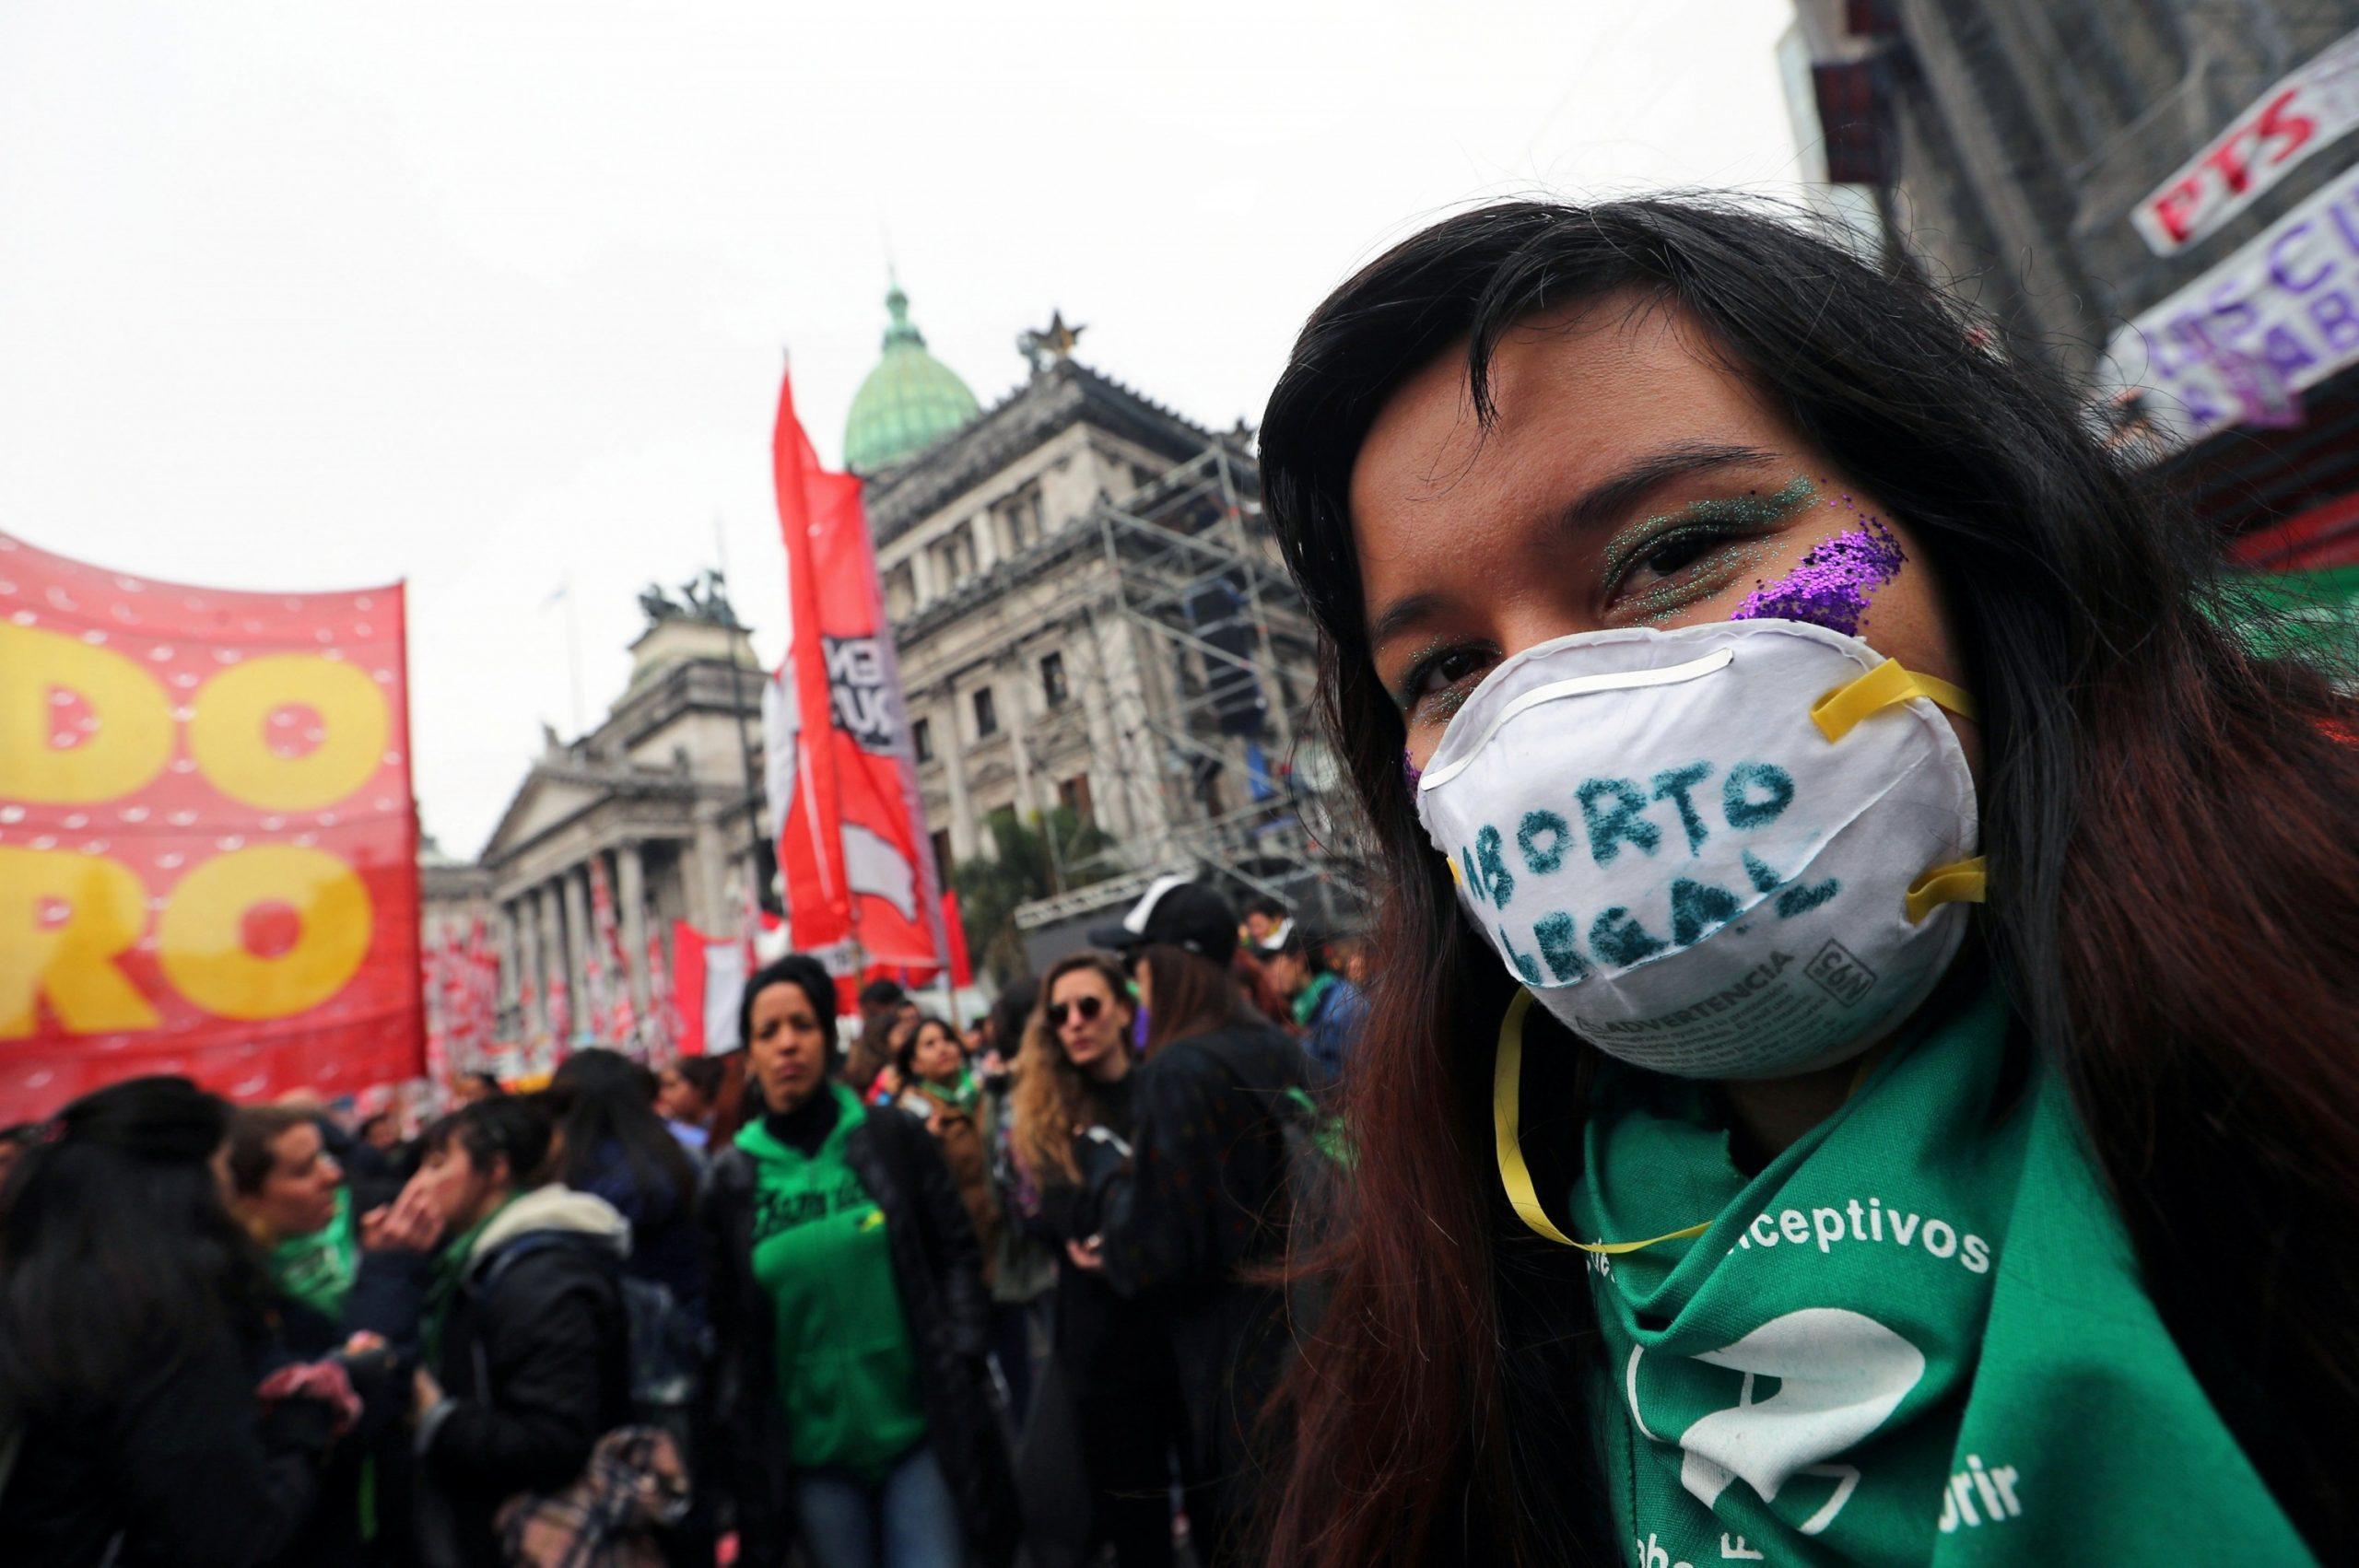 """Reclaman la legalización """"urgente"""" del aborto seguro y gratuito, con énfasis en la emergencia sanitaria"""